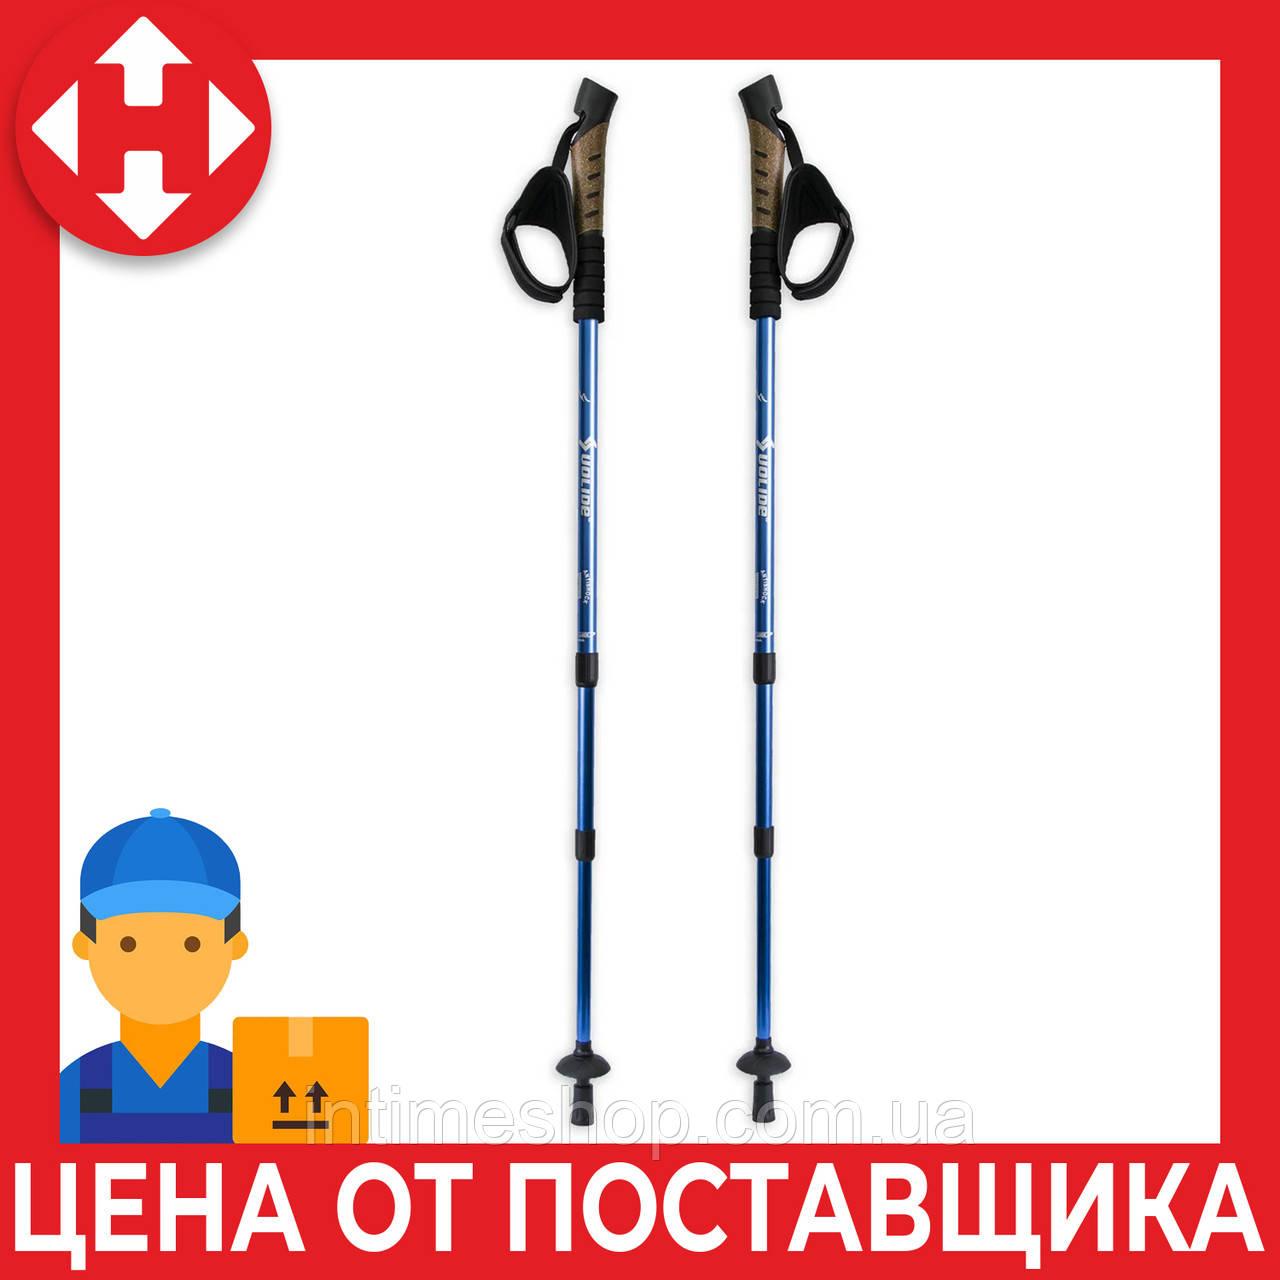 Телескопические скандинавские трекинг палки (Uolide, Blue) палки для скандинавской ходьбы трекинговые (трекінгові палки) Пара